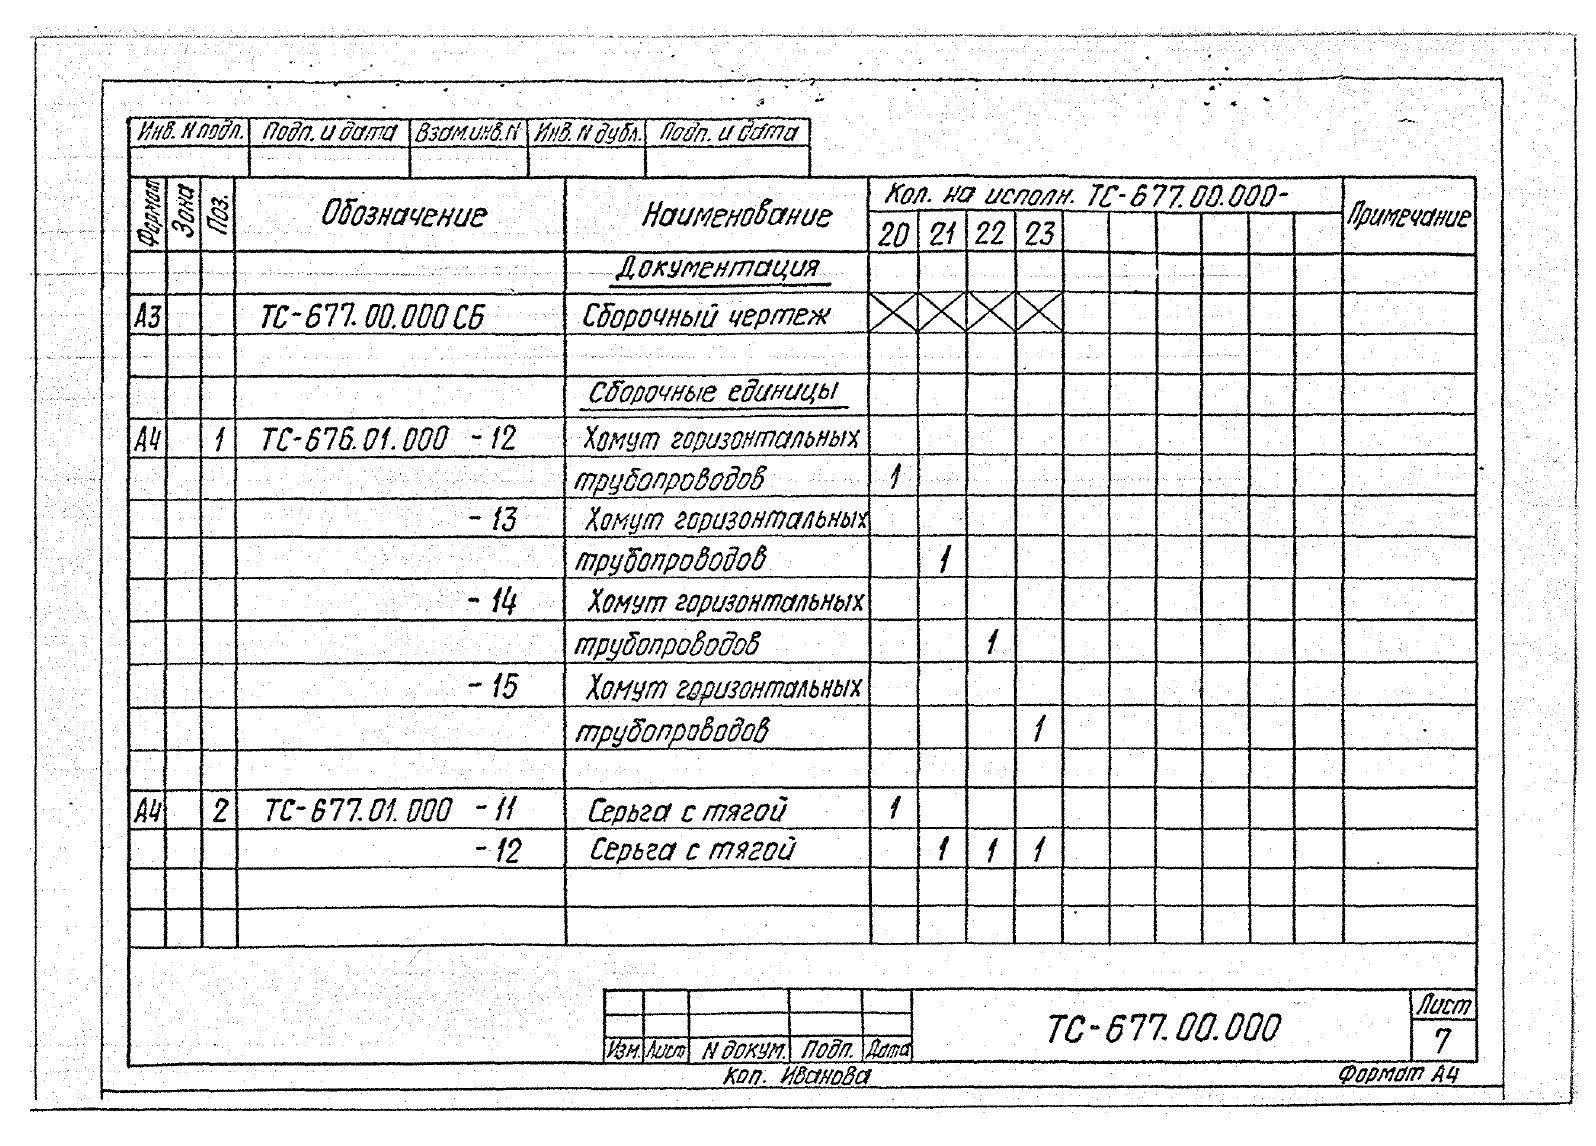 Подвески жесткие Дн 57-530 ТС-677 с.5.903-13 вып.6-95 стр.9